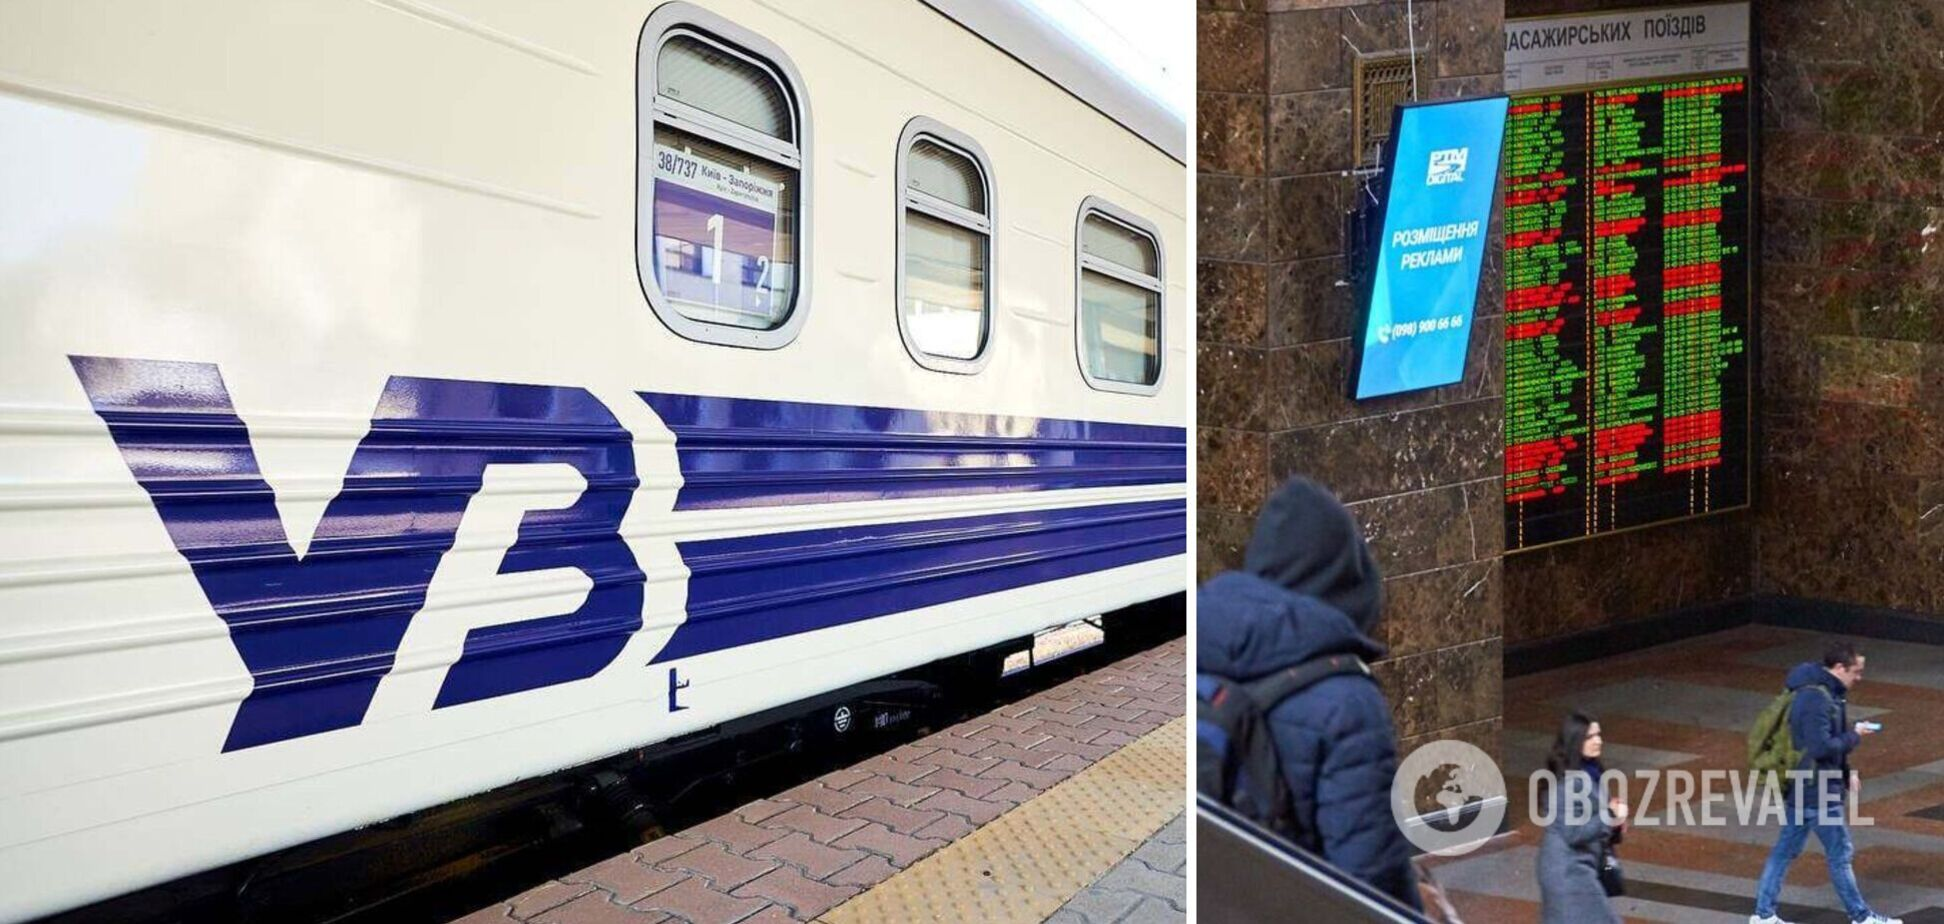 Часть поездов рискует не выйти из депо, считают в профсоюзе